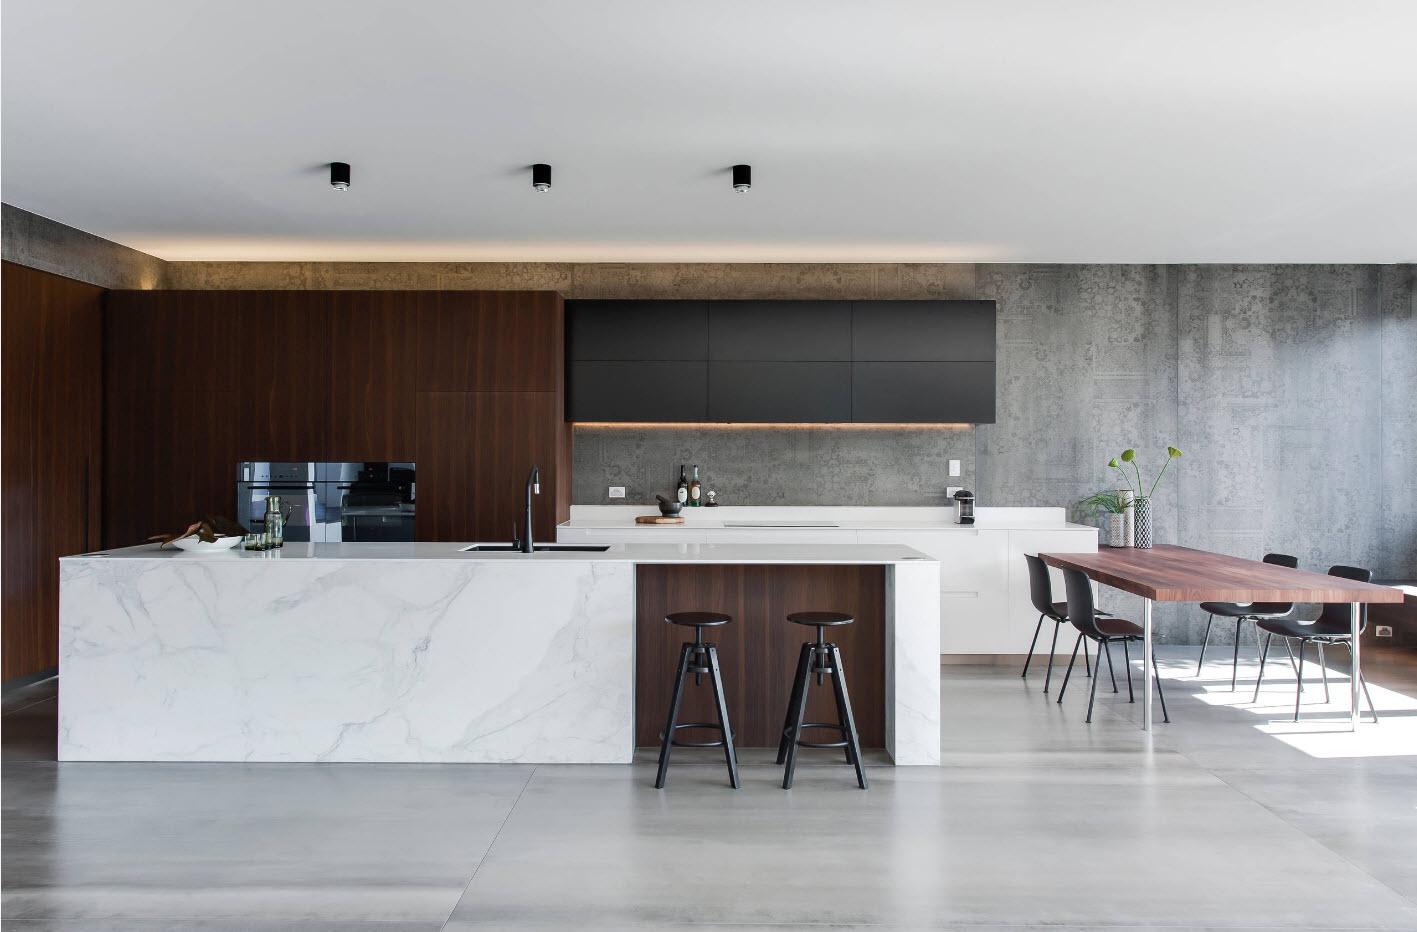 Нотки индустриальности в кухонном дизайне